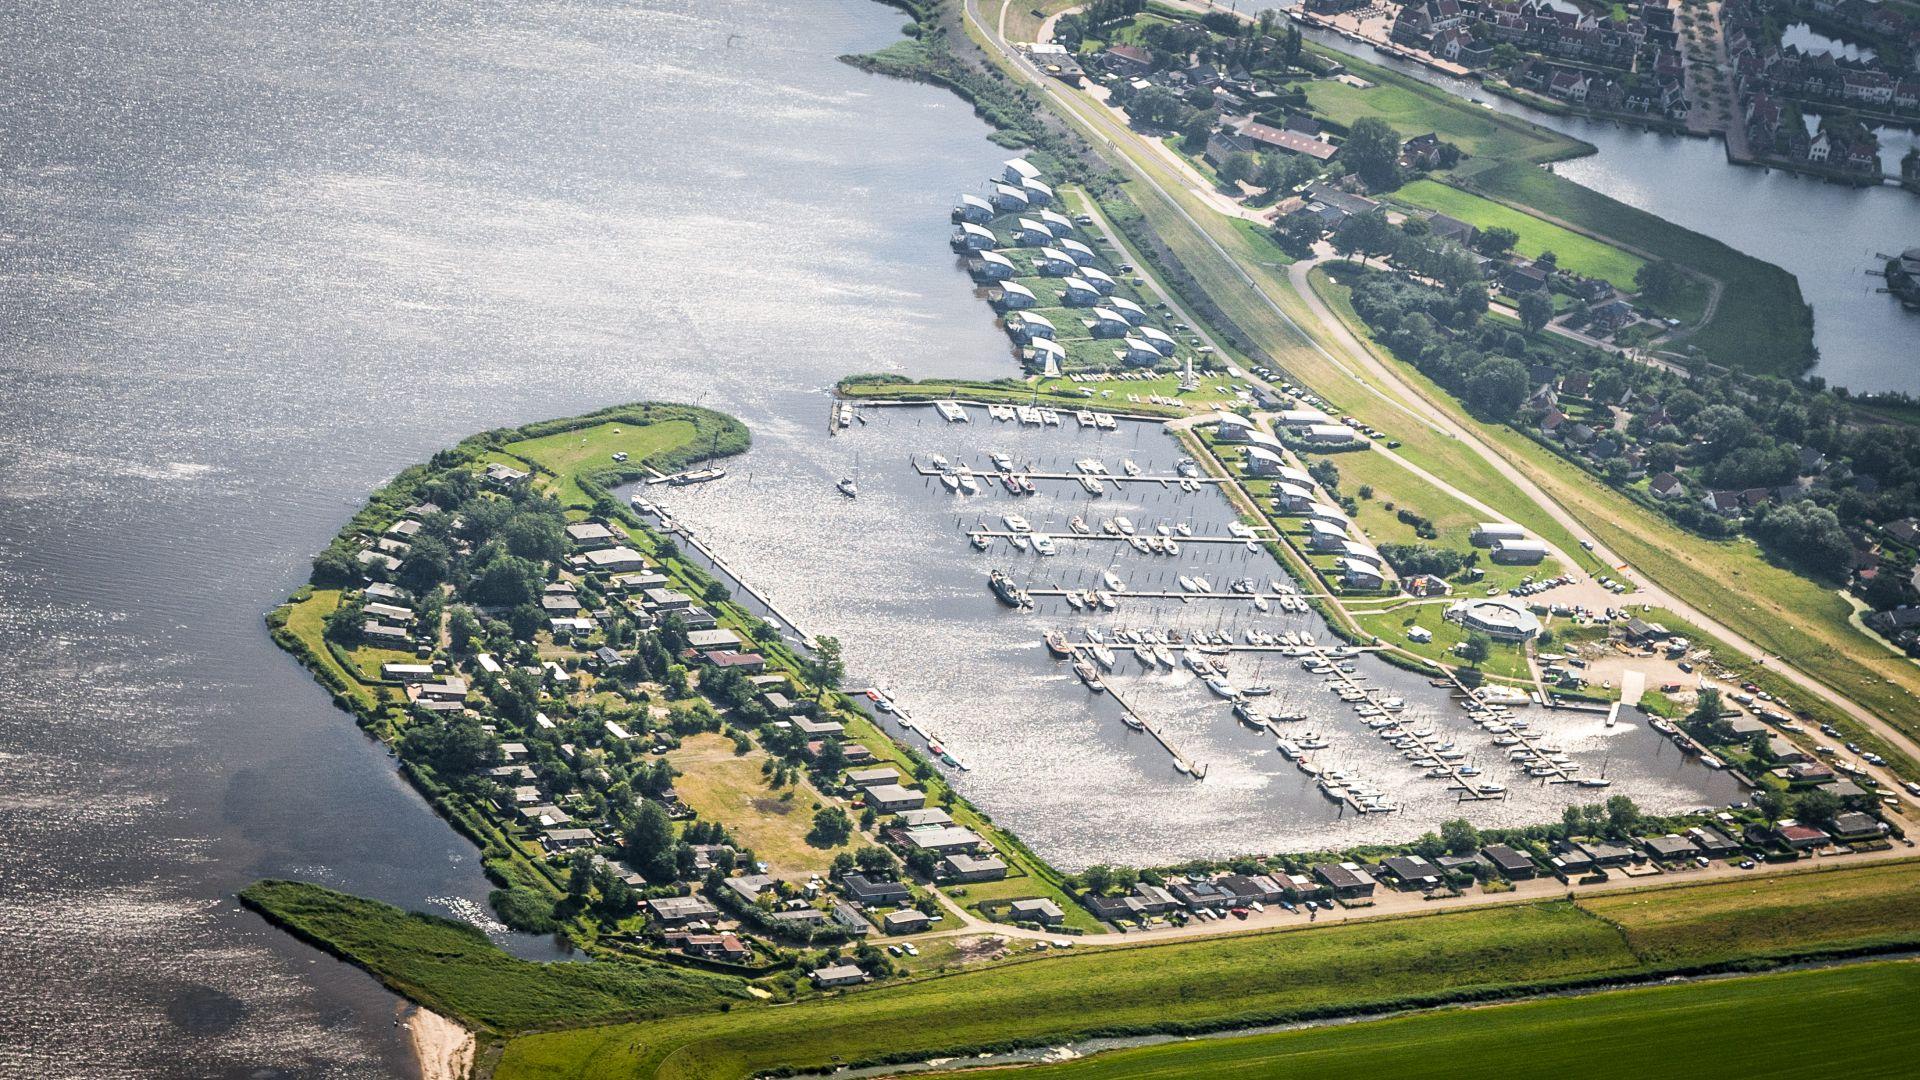 Jachthaven Lauwersmeer Jachthaven Lauwersmeer, de vernieuwde haven aan het Lauwersmeer, beschikt over 360 ligplaatsen en ligt centraal aan het Lauwersmeer.